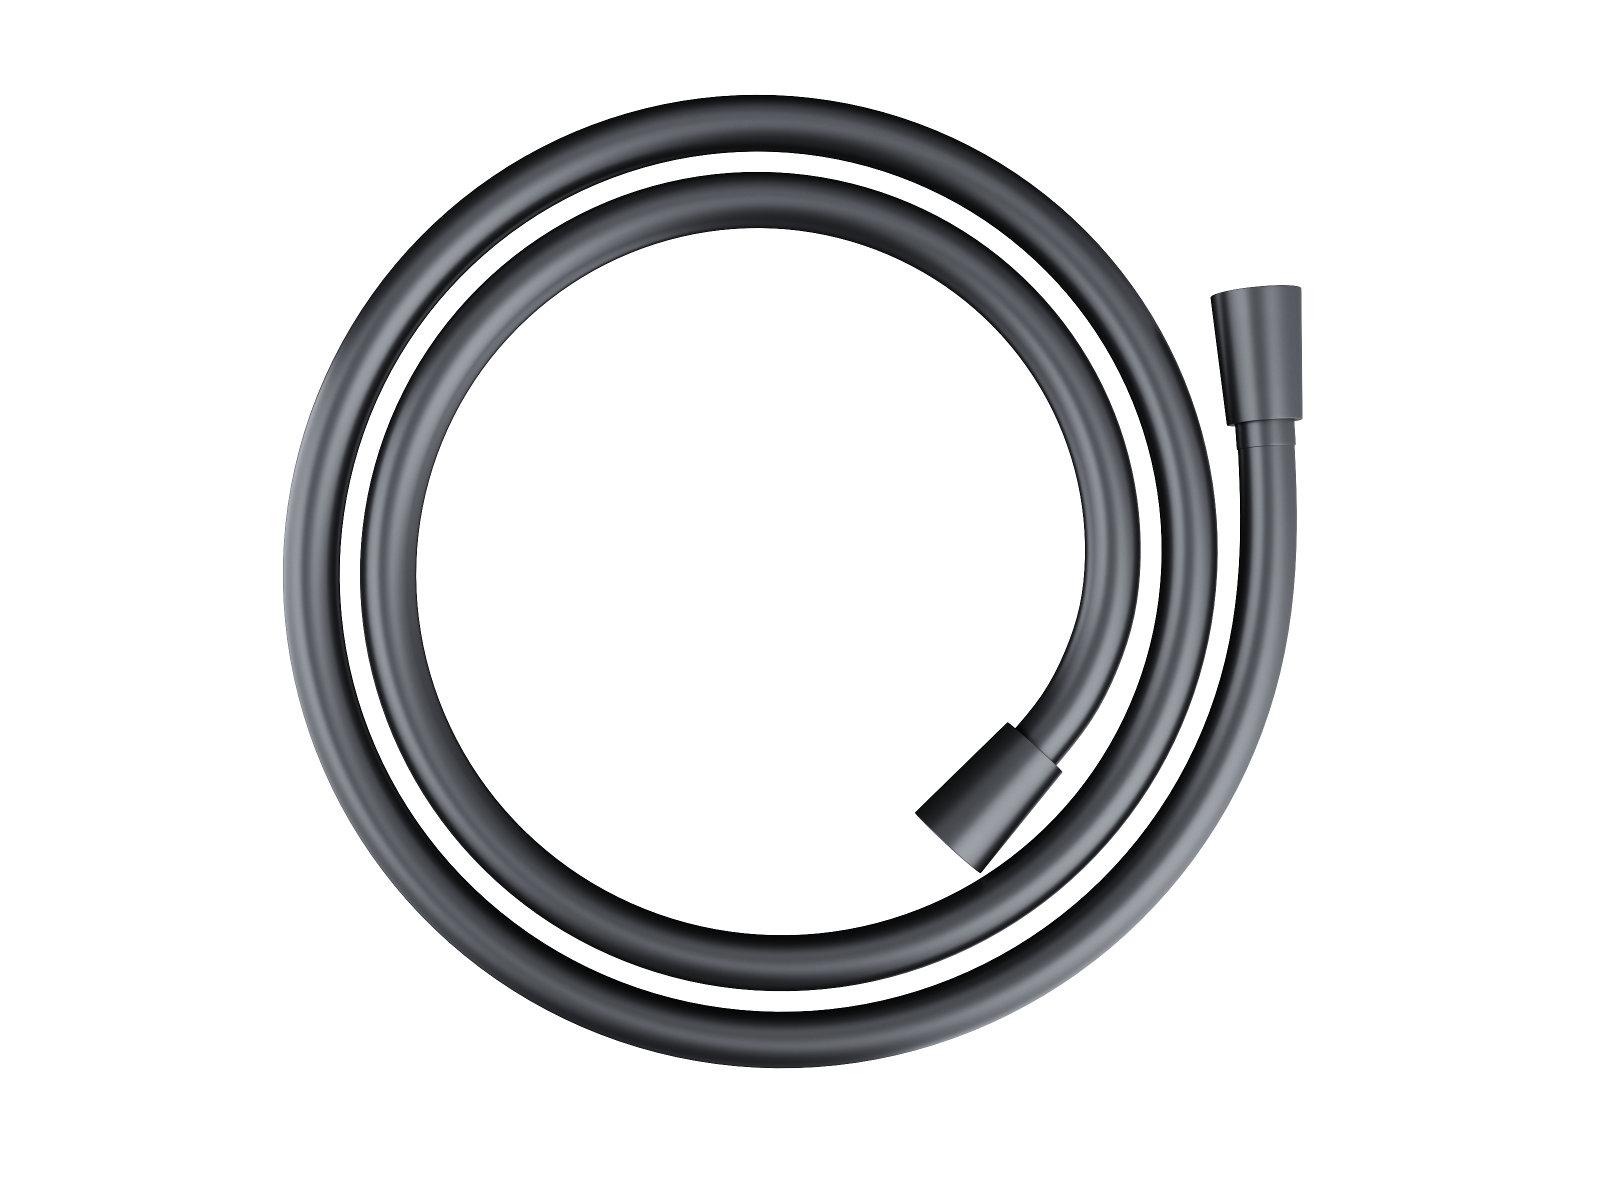 Corsan CMW250 čierna sprchová hadica 150 cm pre ručnú sprchu